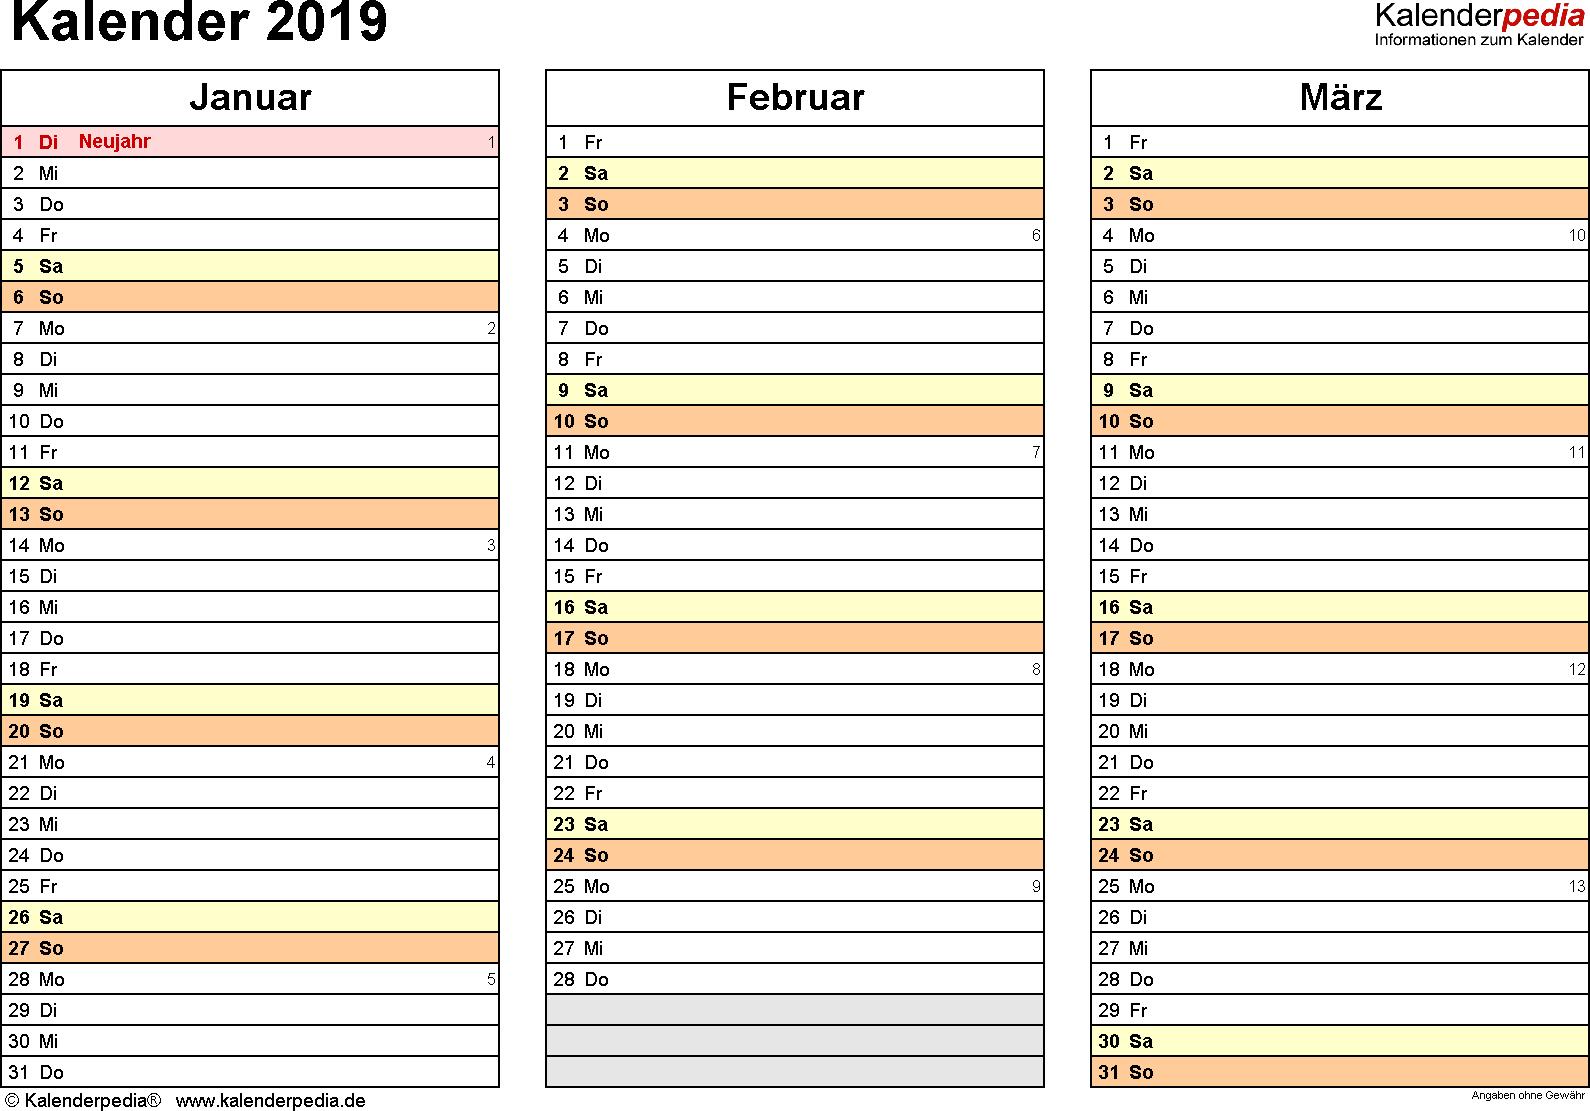 Vorlage 6: Kalender 2019 für Excel, Querformat, 4 Seiten, jedes Quartal auf einer Seite